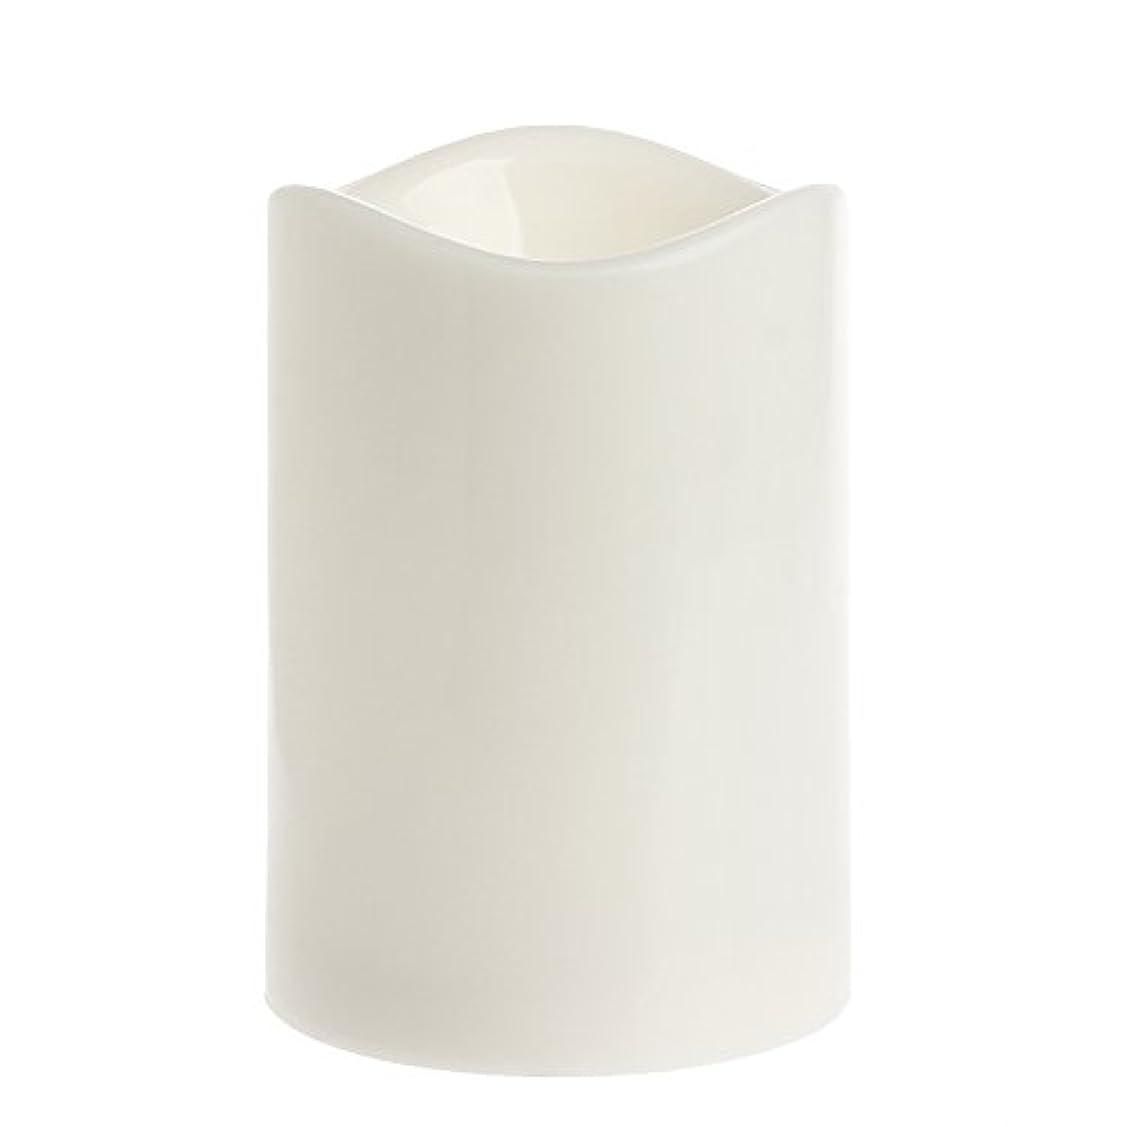 故障中仮定するテスピアンSimpleLife ロマンチックなFlameless LED電子キャンドルライト結婚式の香りワックスホームインテリア13 * 7.5センチメートル